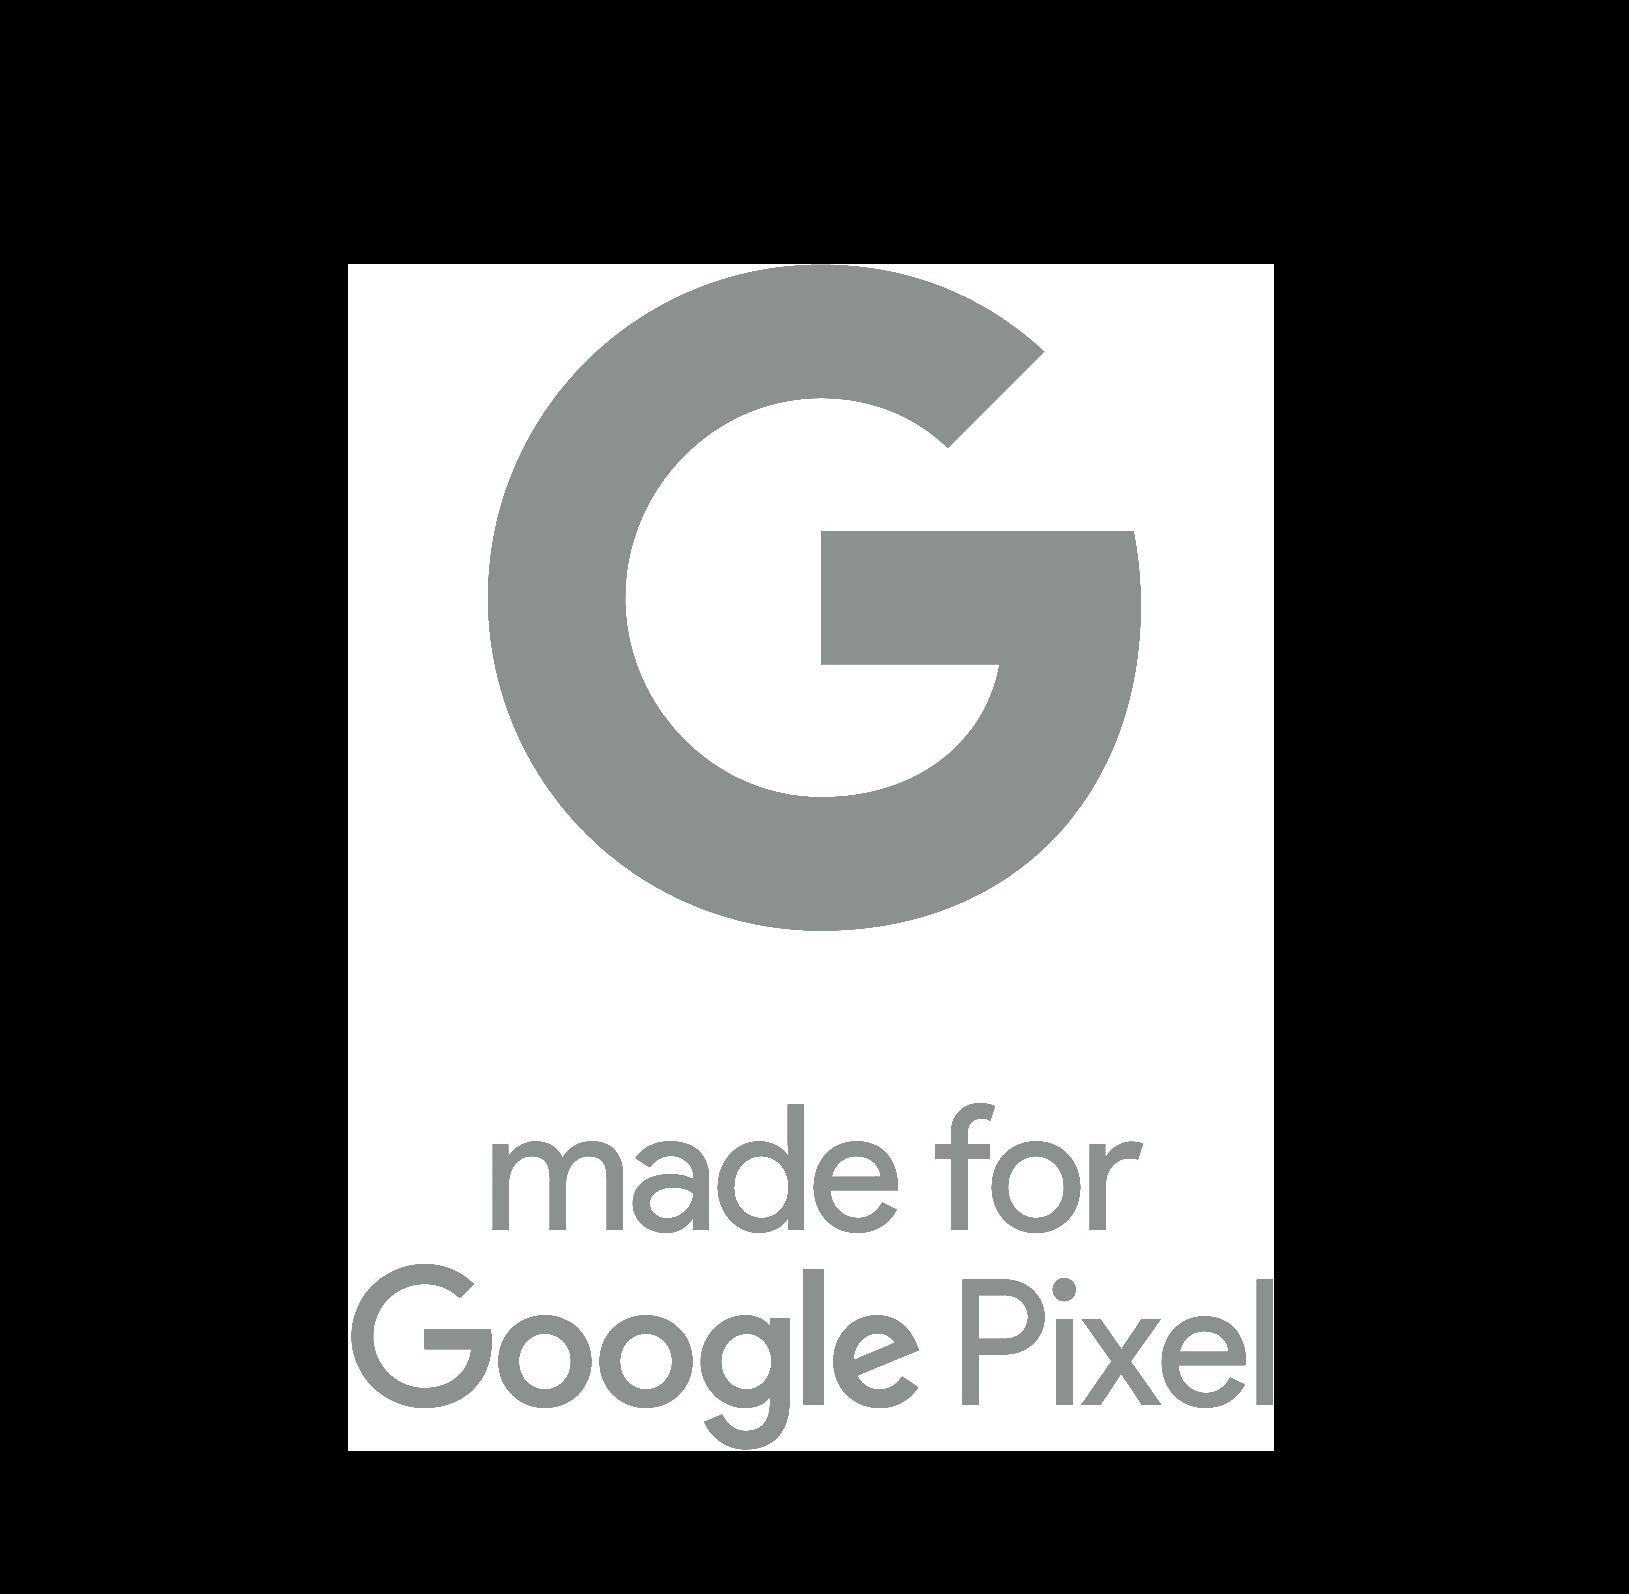 made-logo.png